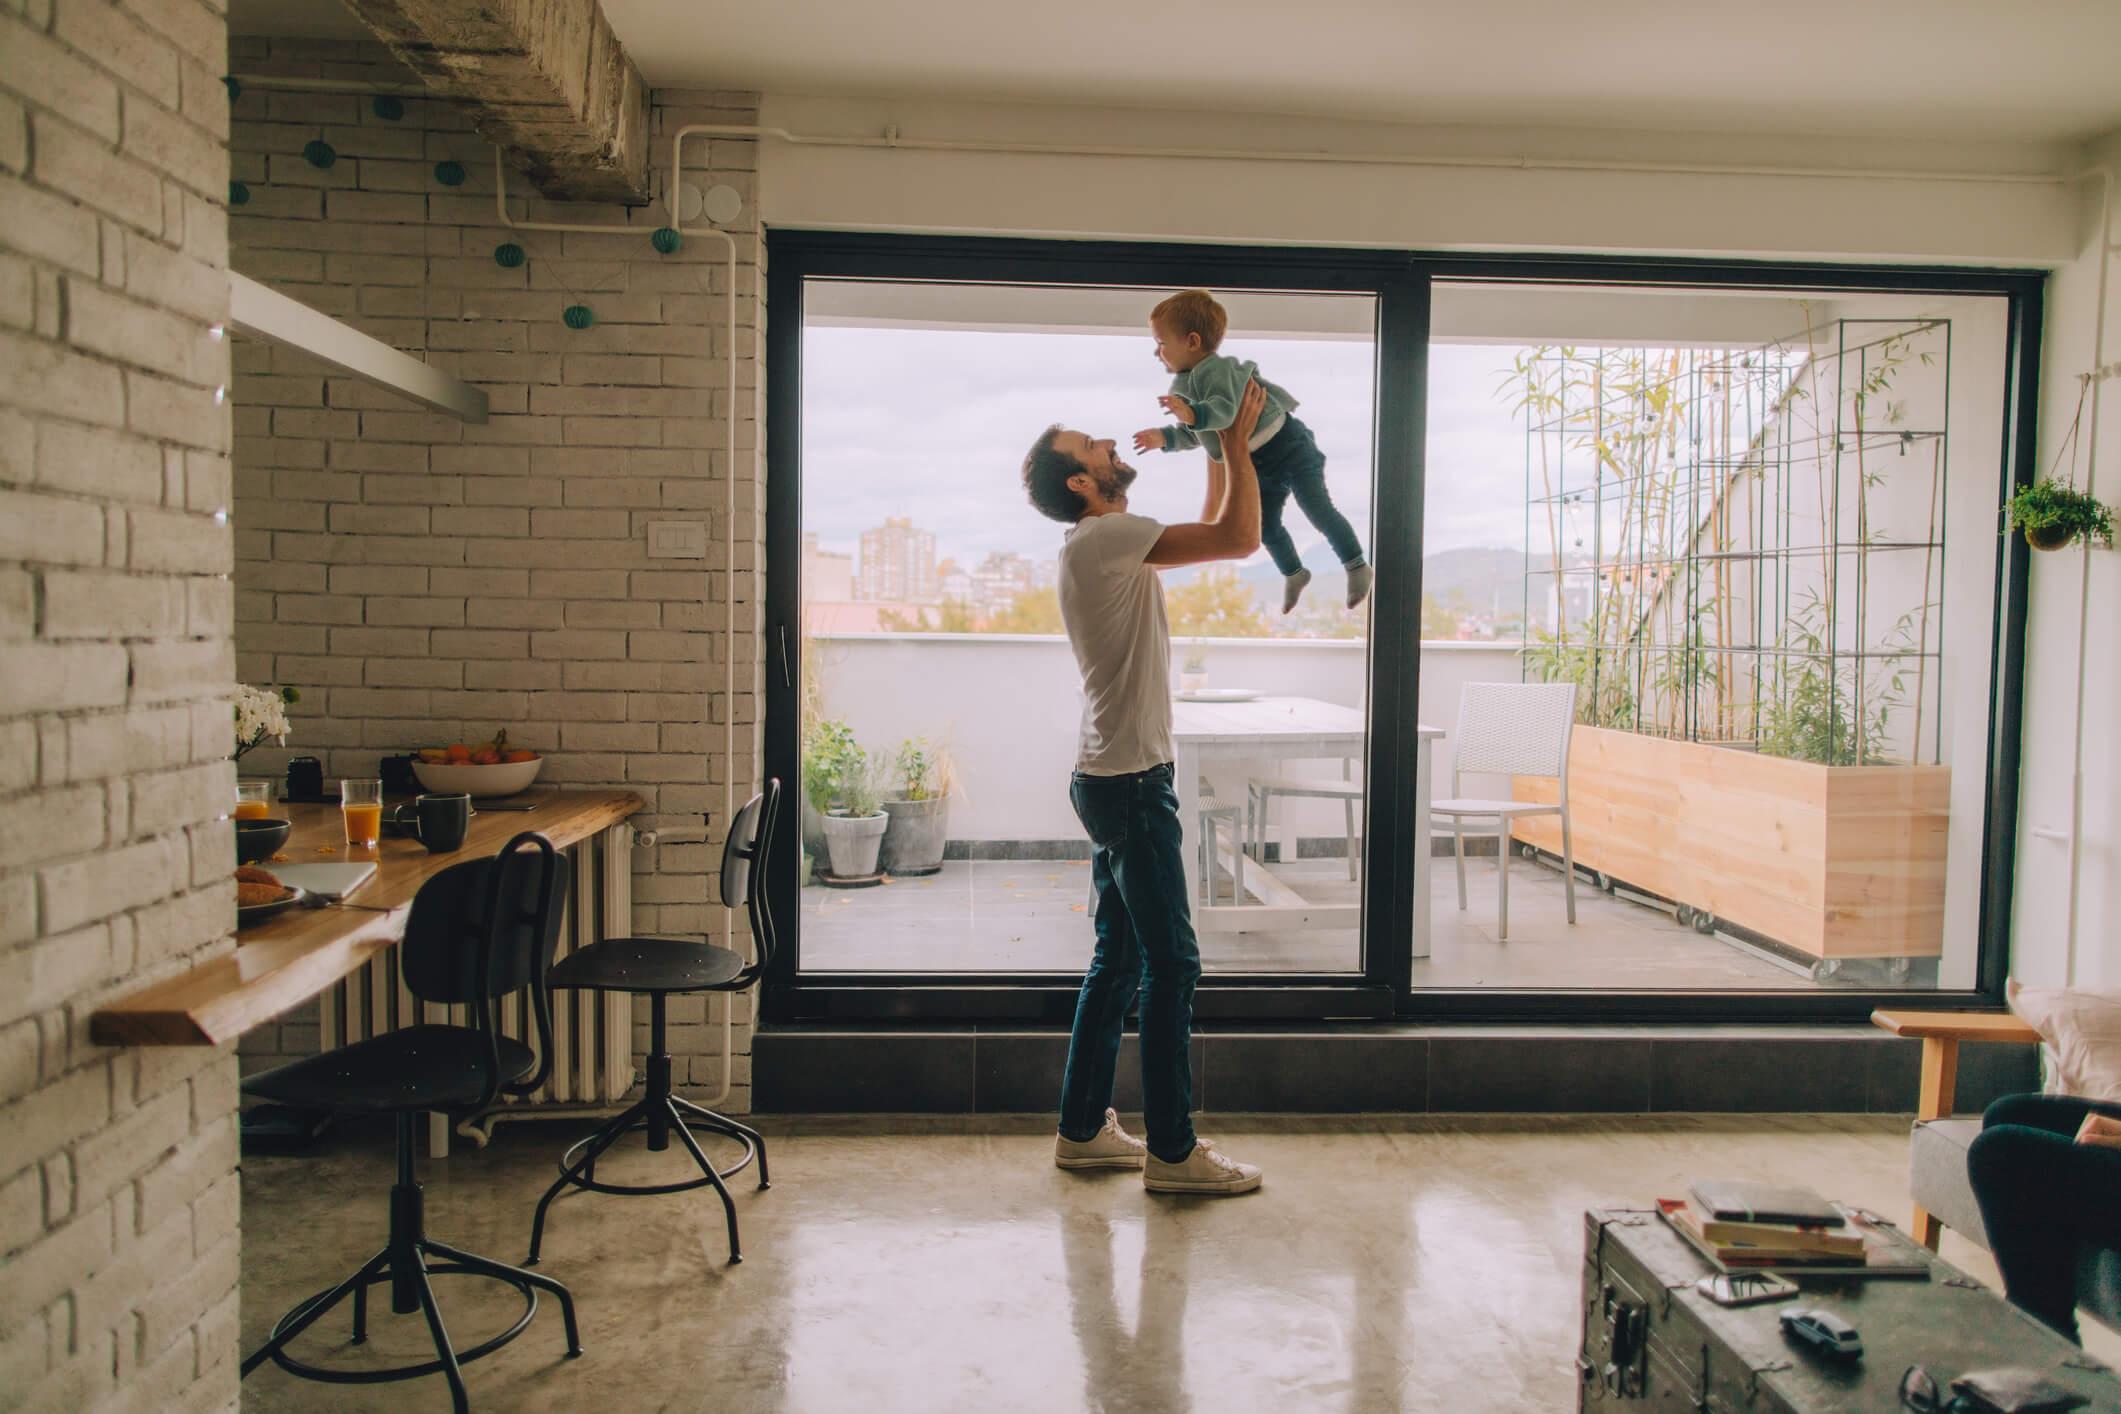 Apartamento ou casa: afinal, qual é a melhor opção?